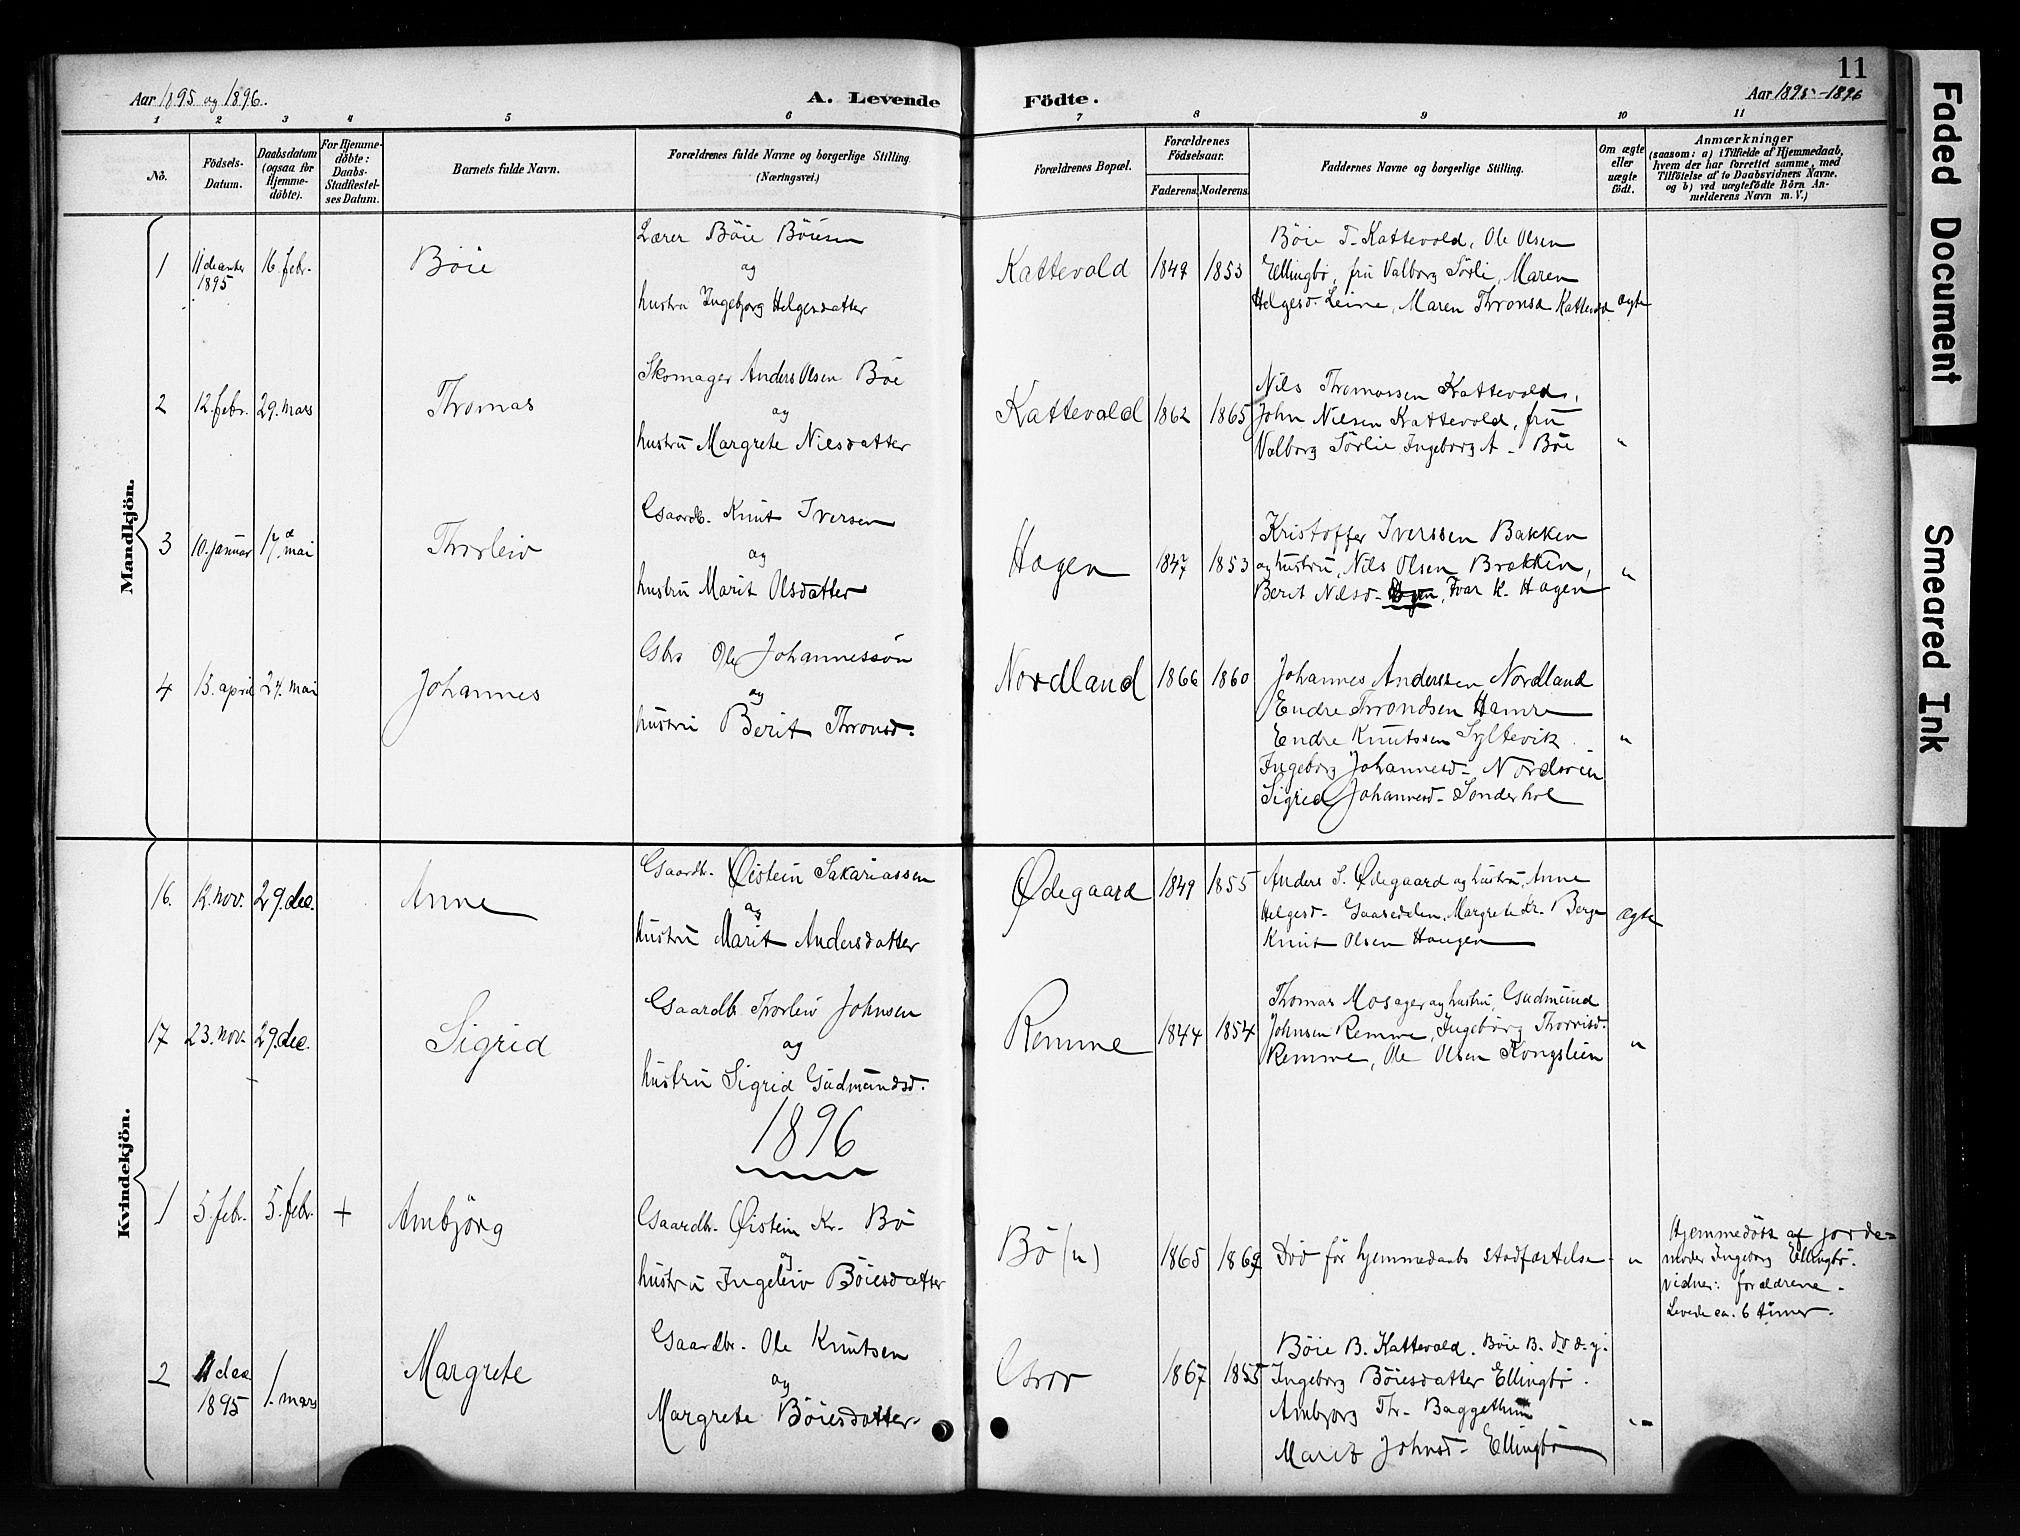 SAH, Vang prestekontor, Valdres, Klokkerbok nr. 6, 1893-1918, s. 11